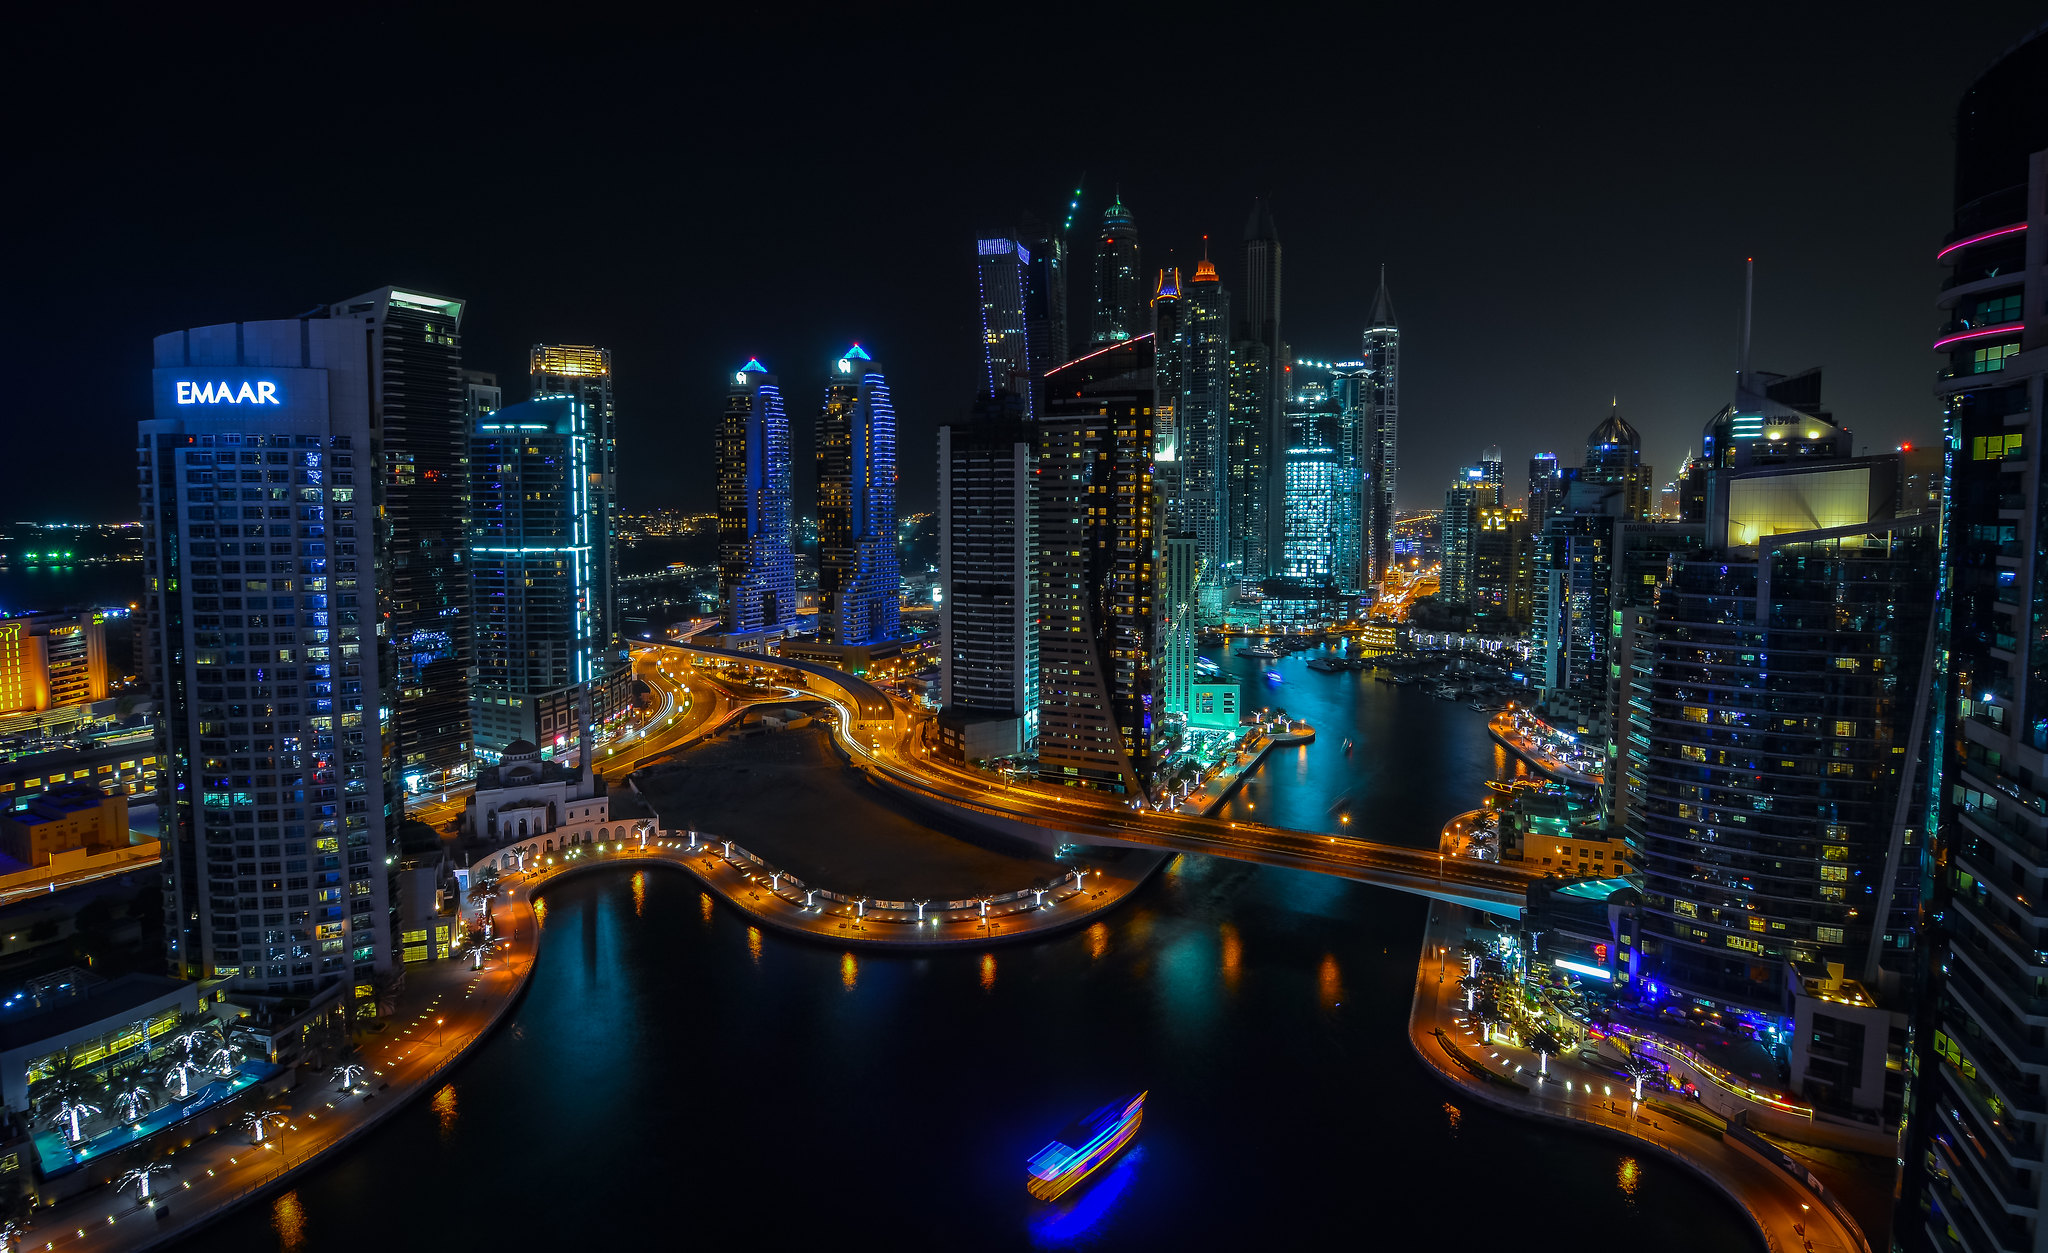 известен фото красивого вида на ночной город польза данного